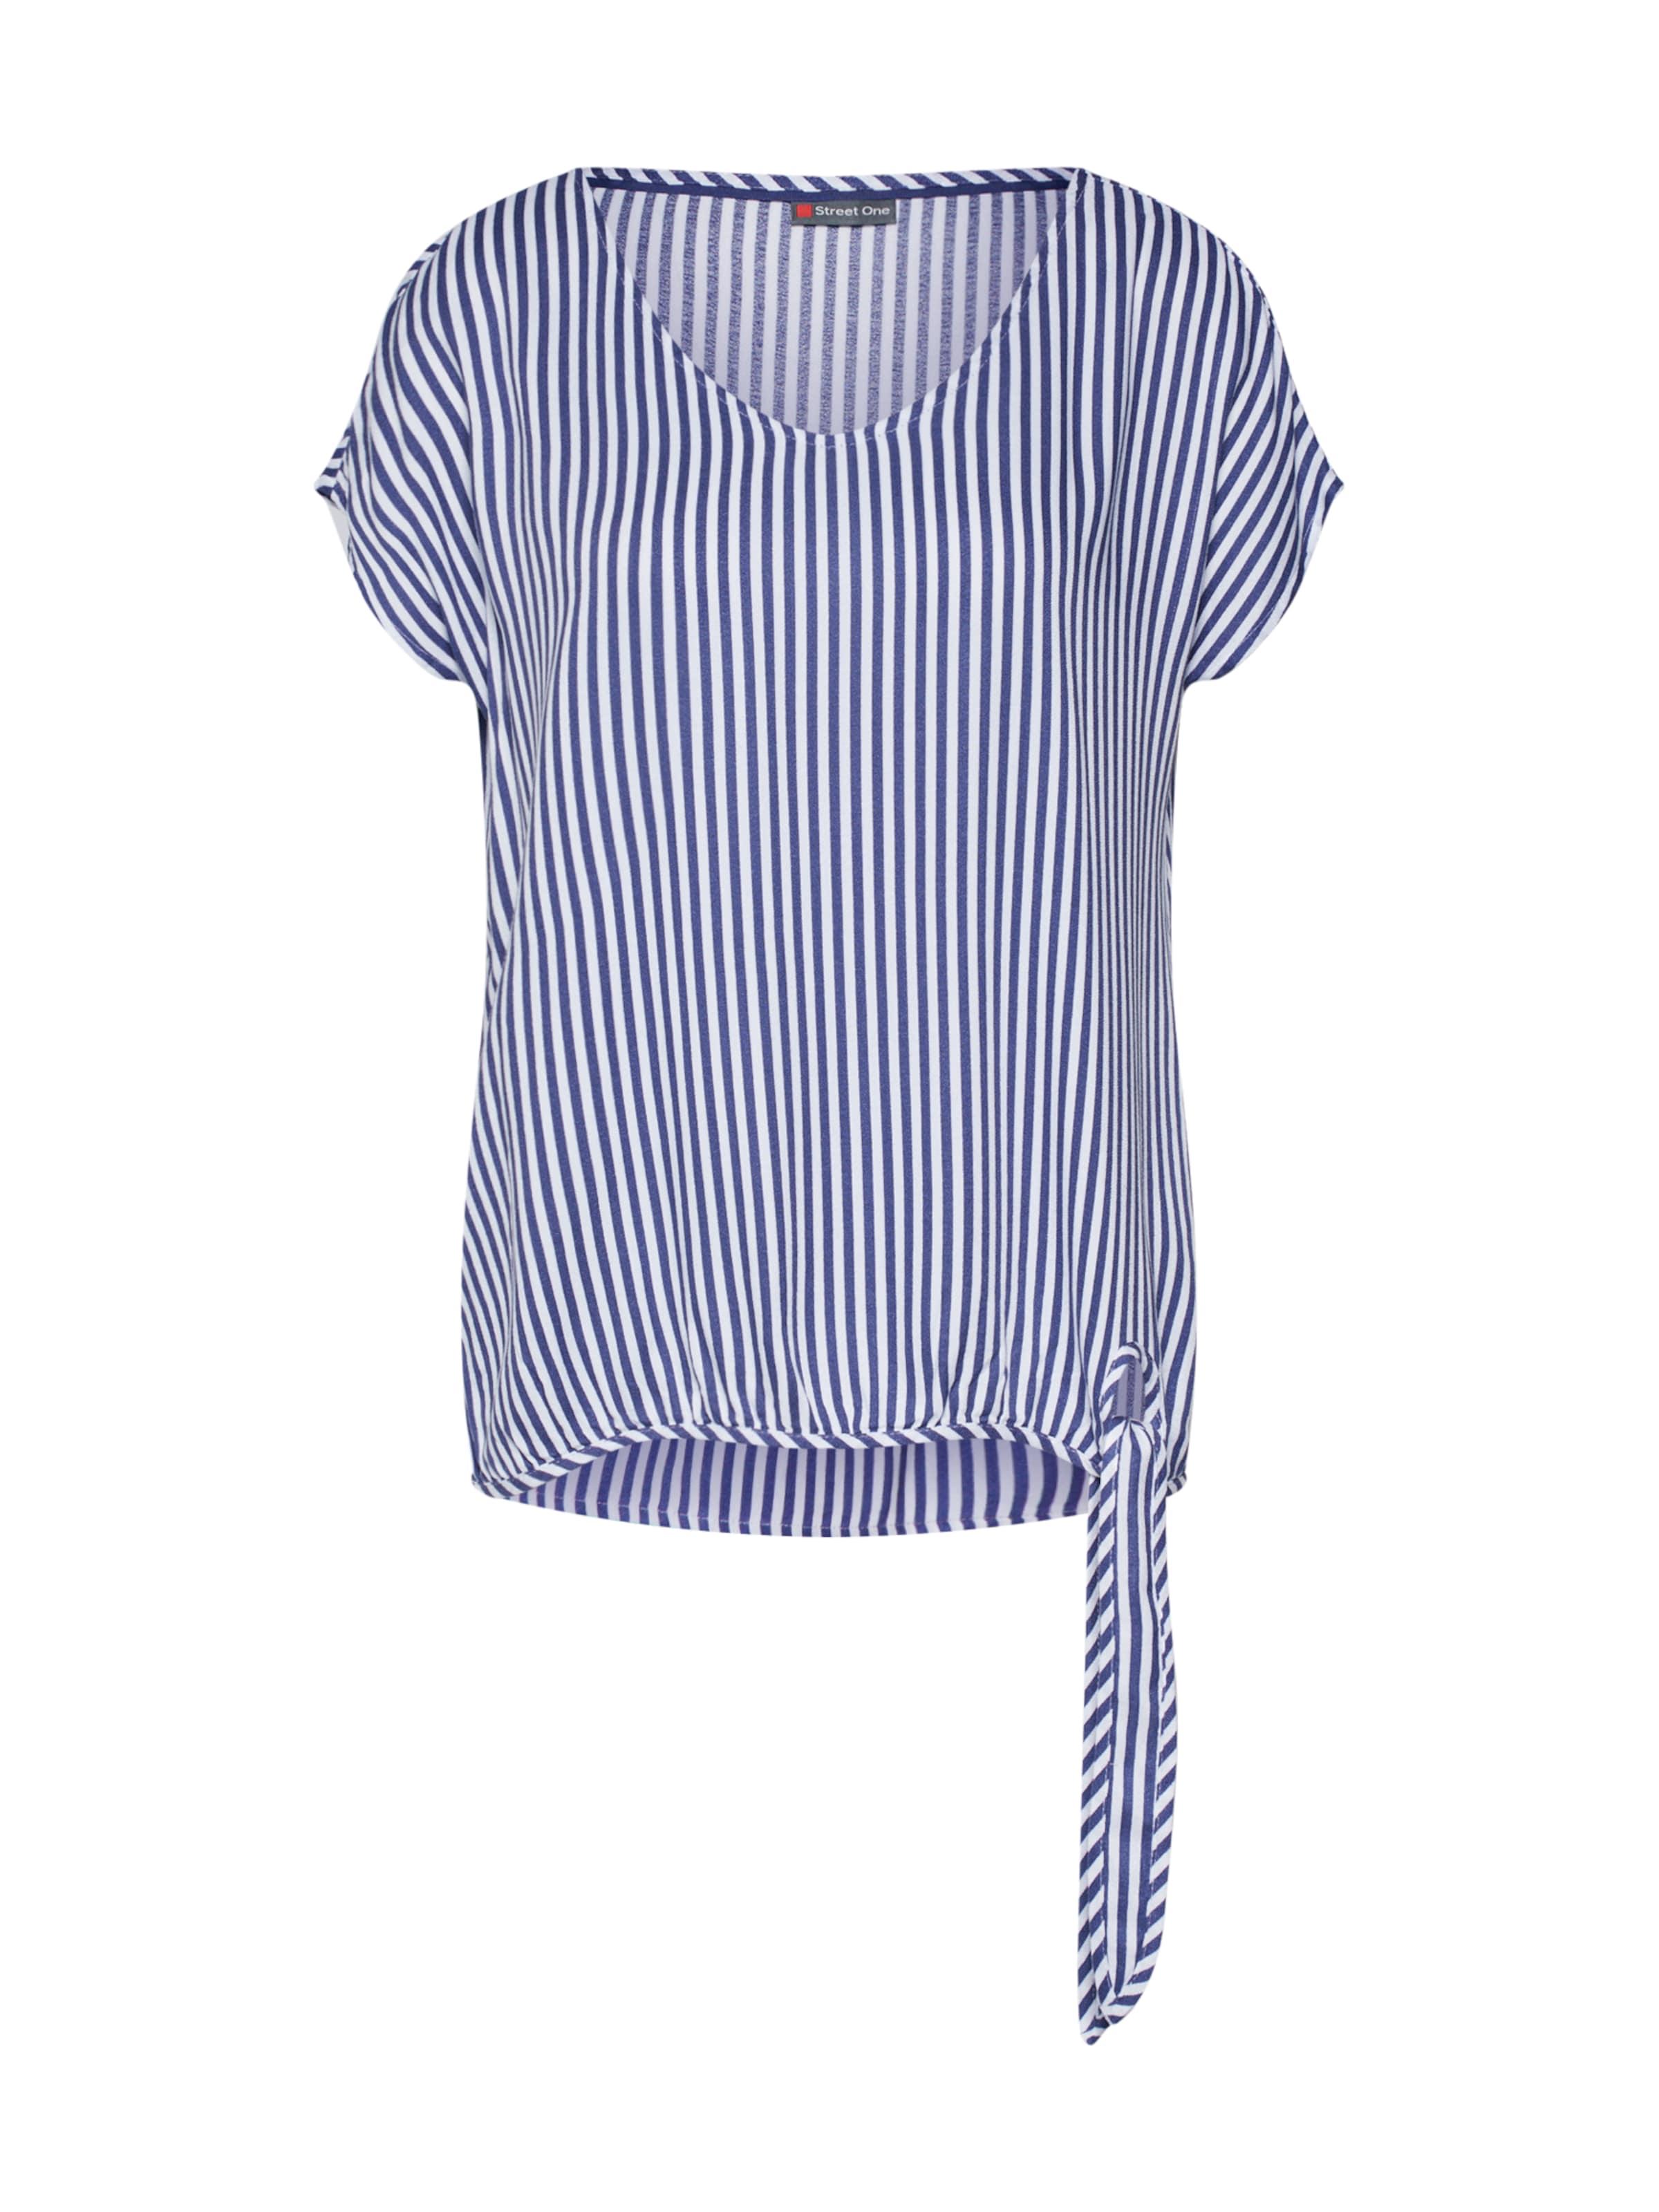 Street Bluse One Tala In 'ltd RauchblauWeiß Qr Stripe' PkXuZOi